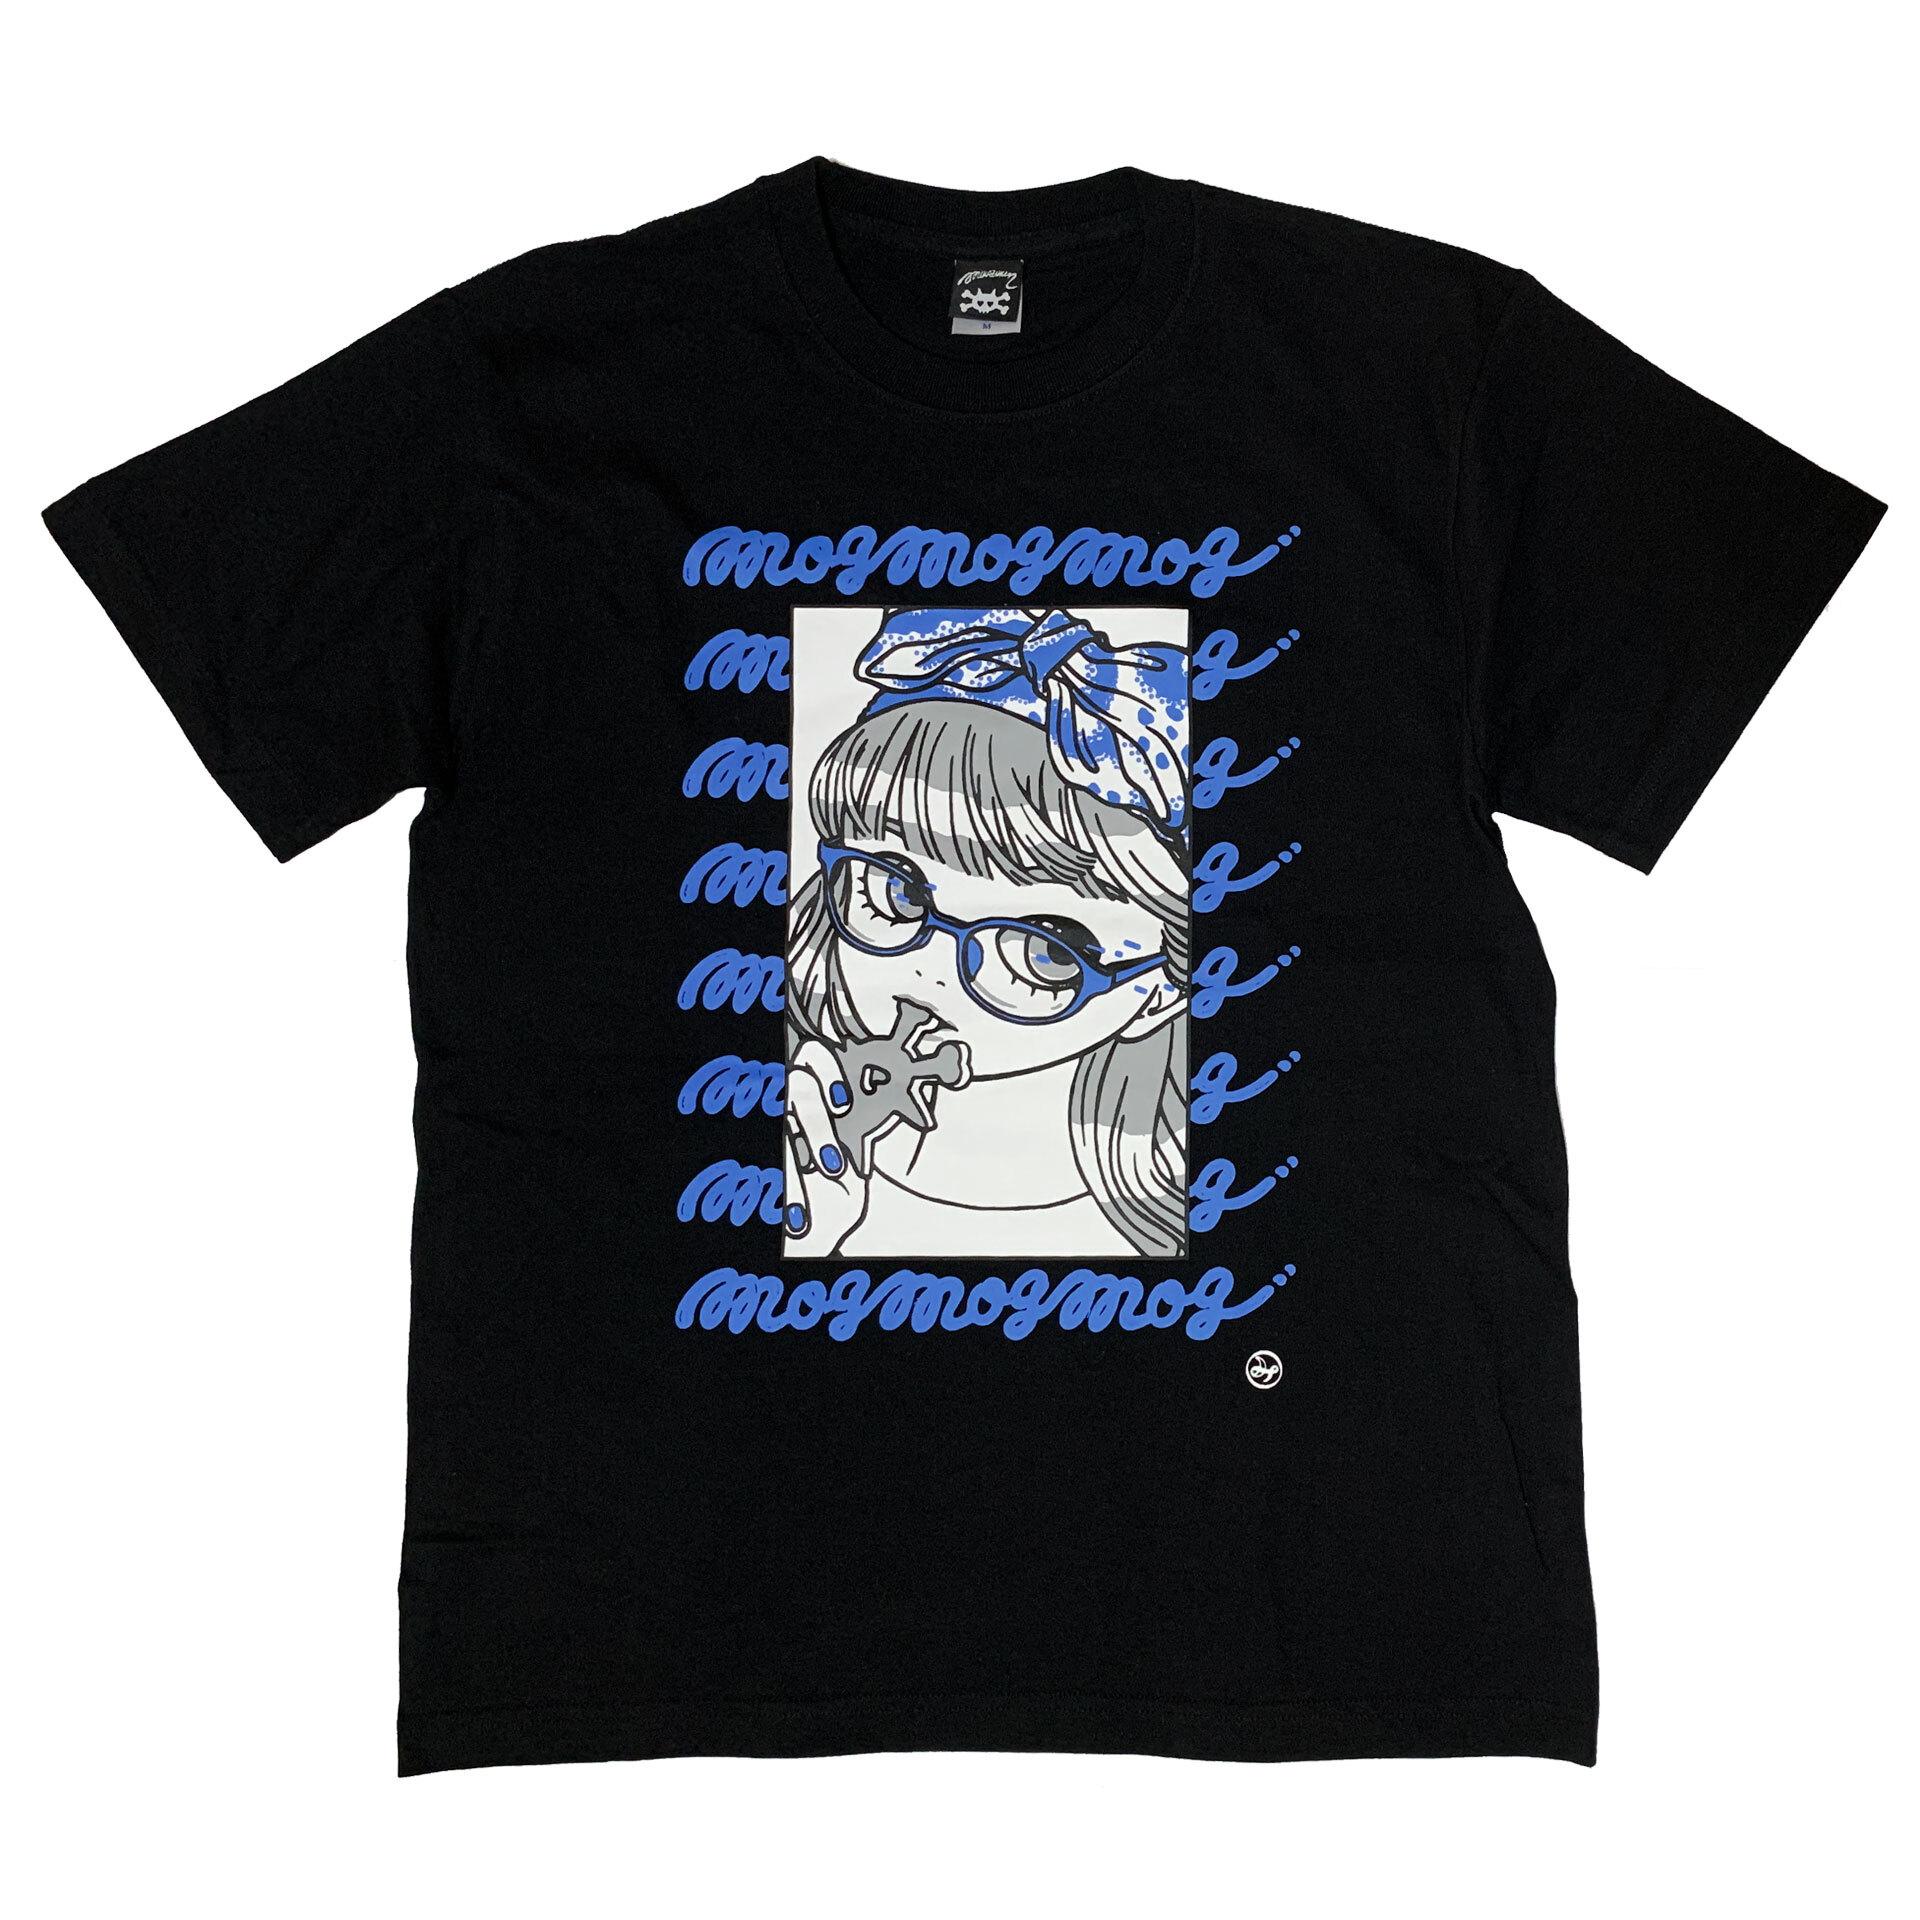 """"""" mog mog mog """" Tシャツ blue × gray [ T-016]MIKAZUKI / ミカヅキ"""